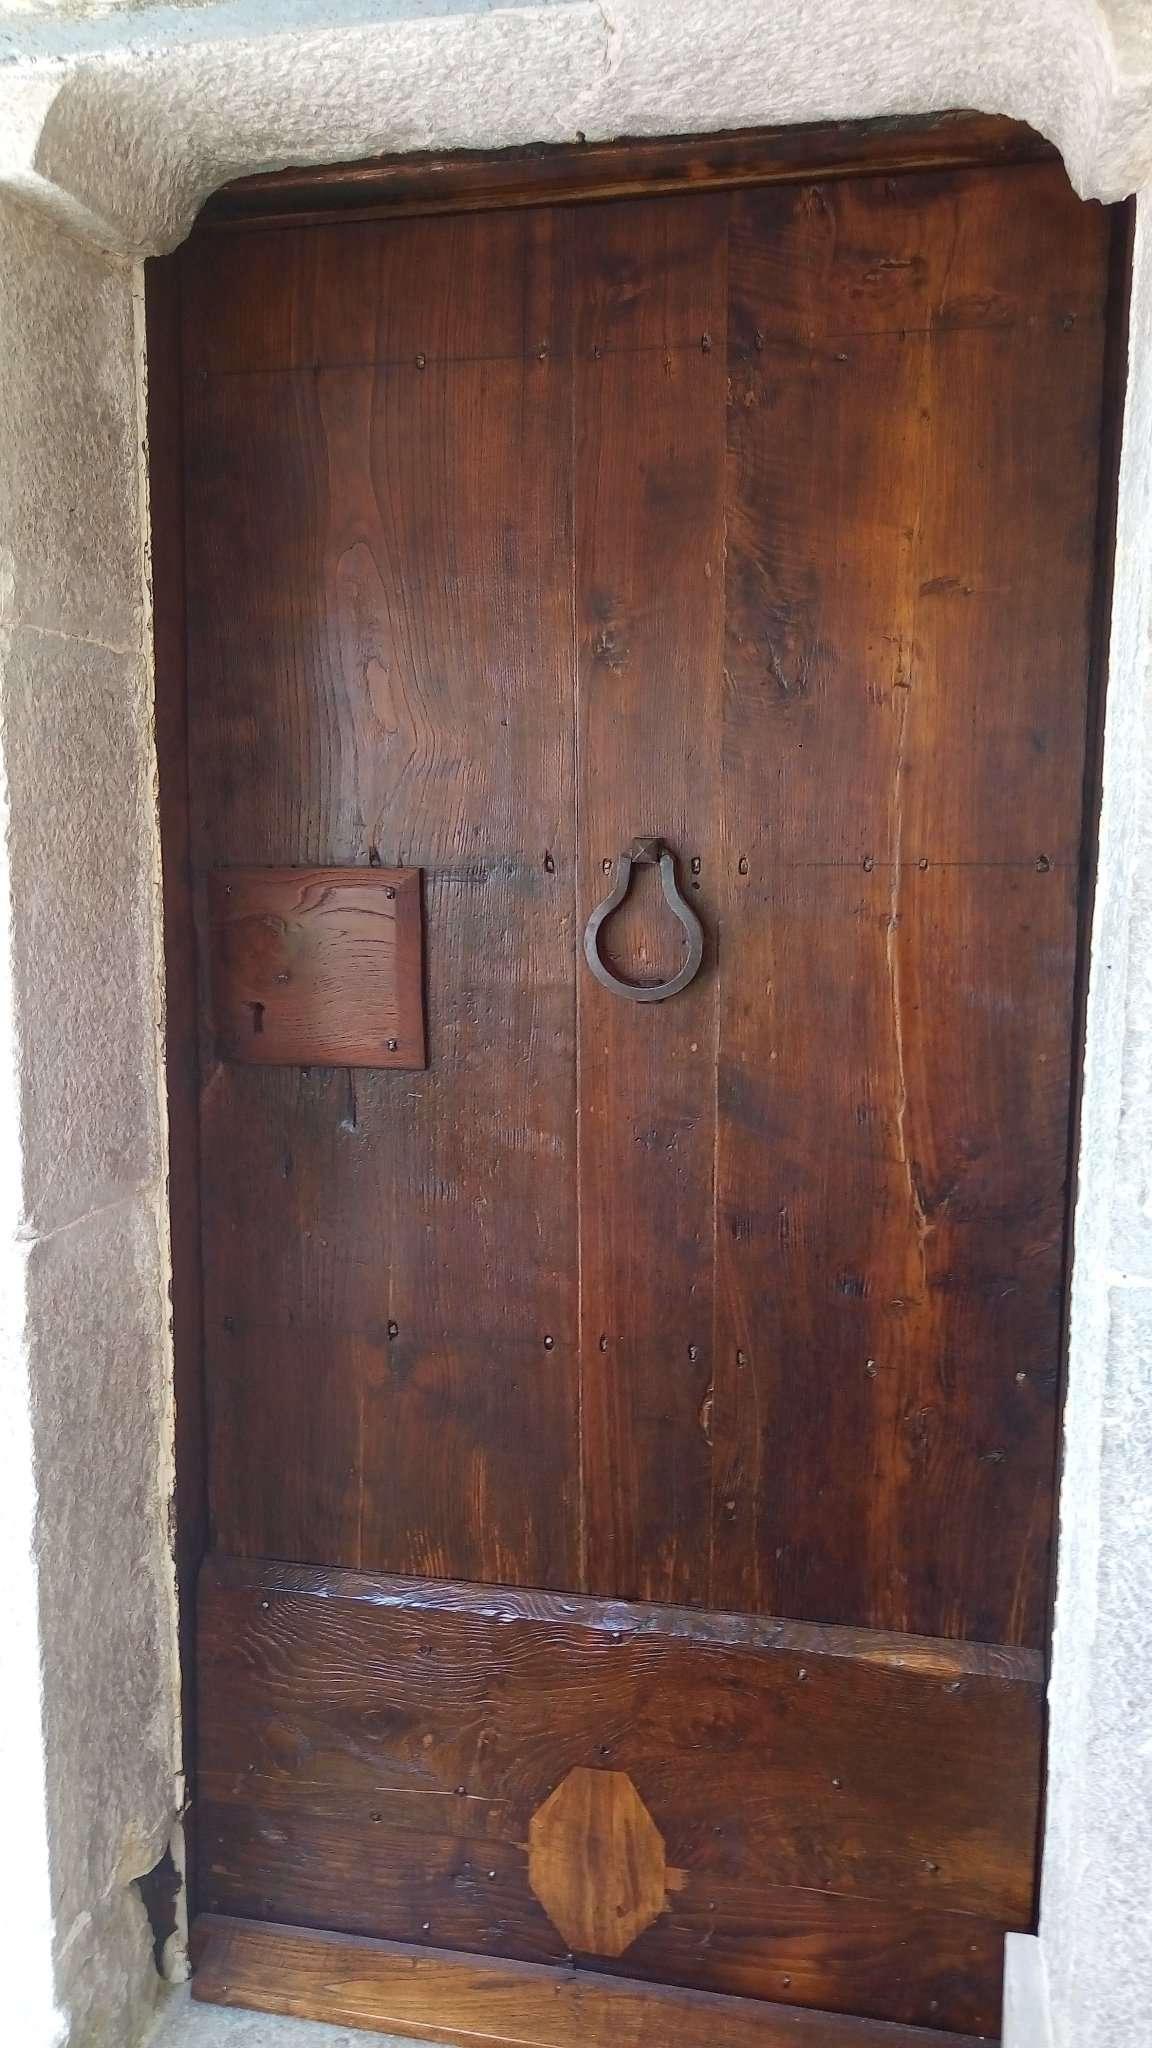 Restauraci n de puertas de madera de casta o antiguo xviii for Restauracion de puertas antiguas